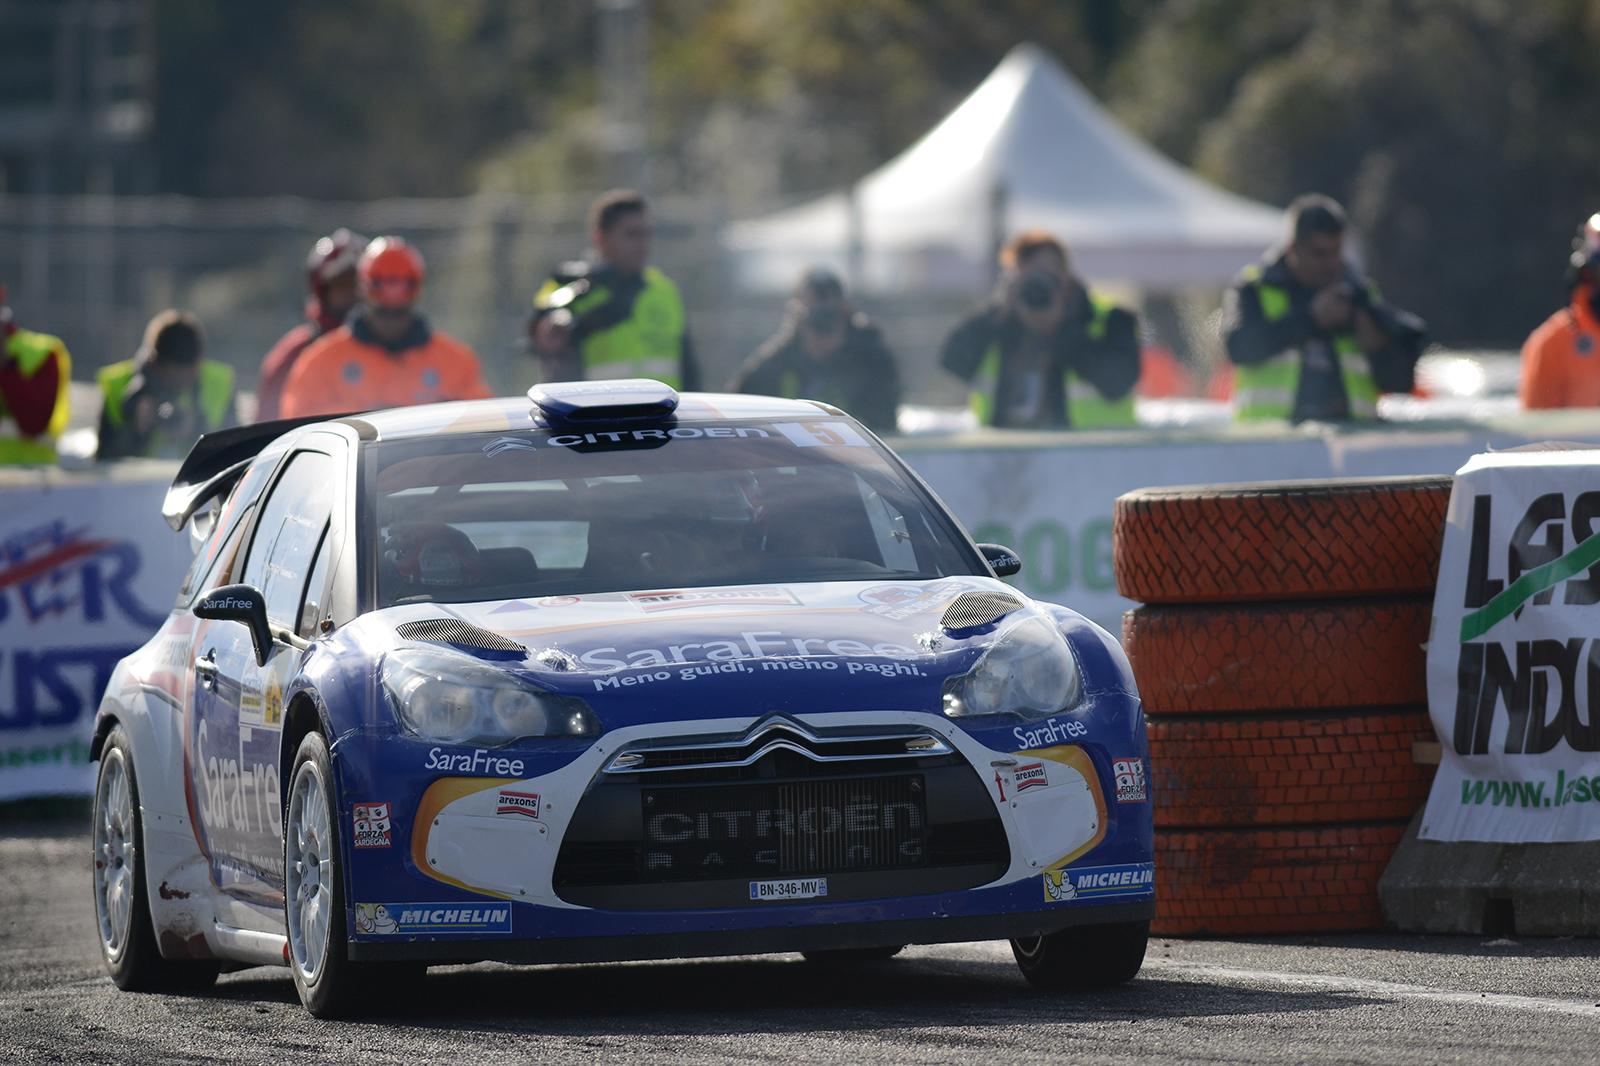 Capello e SaraFree terzi al Monza Rally Show